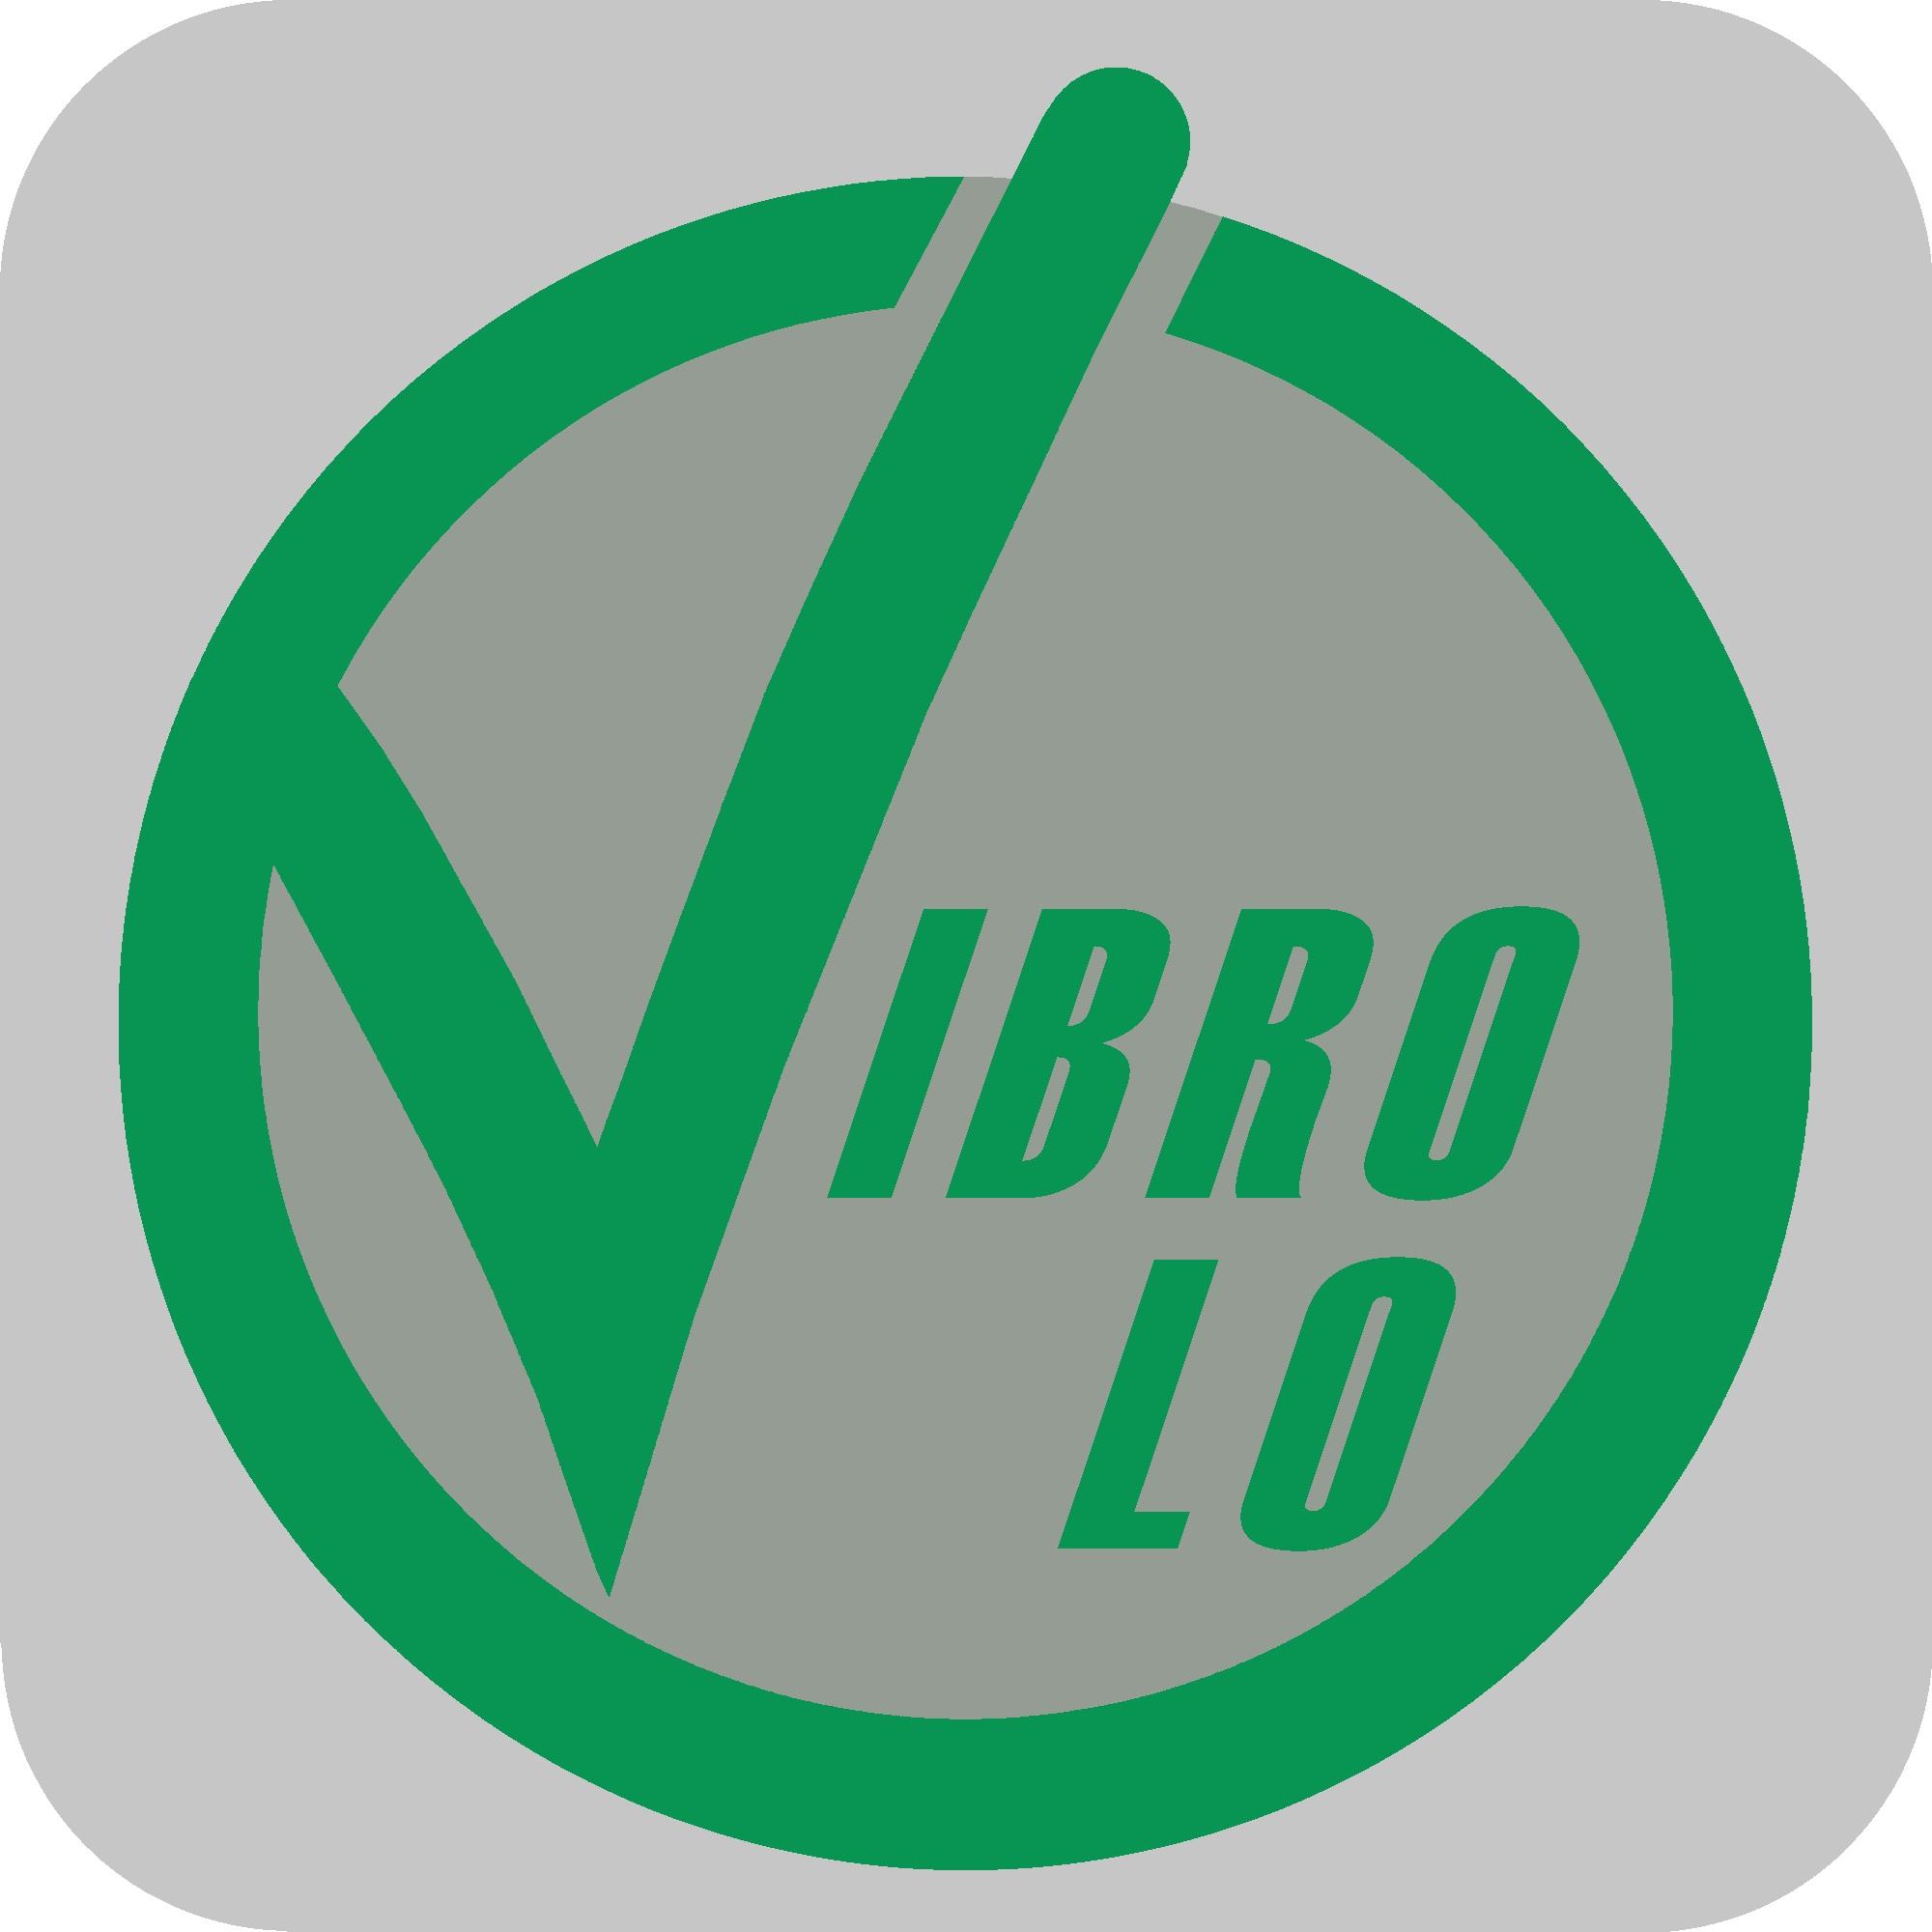 特牢尼低振动Vibro-lo 标识